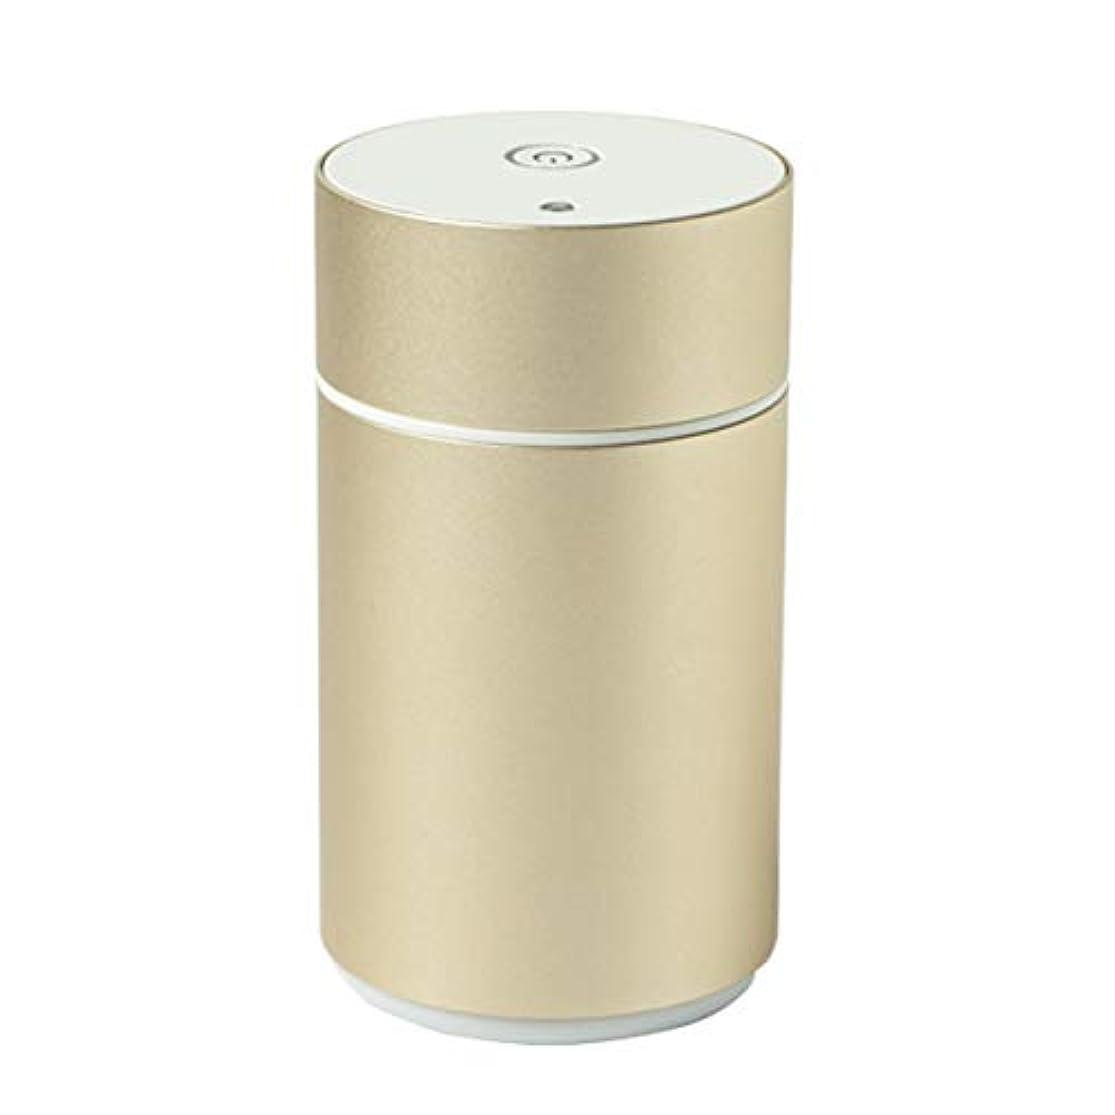 判定シャープ鹿生活の木 アロモア ミニ ゴールド (aromore mini gold) (エッセンシャルオイルディフューザー) (圧縮微粒子式アロマディフューザー)